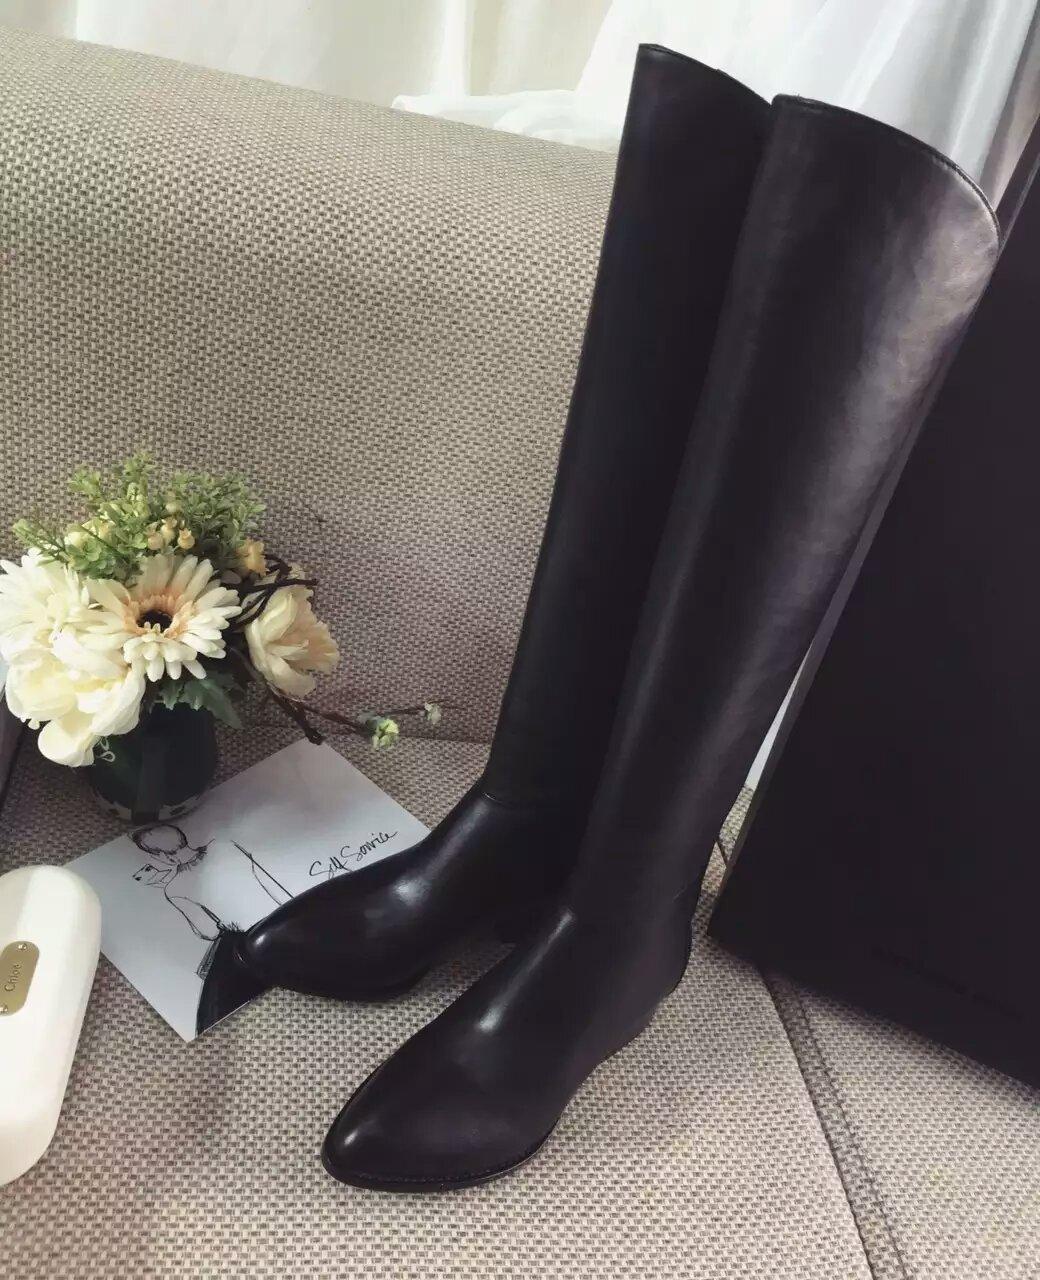 特殊渠道私货【ALEXANDER WANG 】纯原单‼️经典款长靴